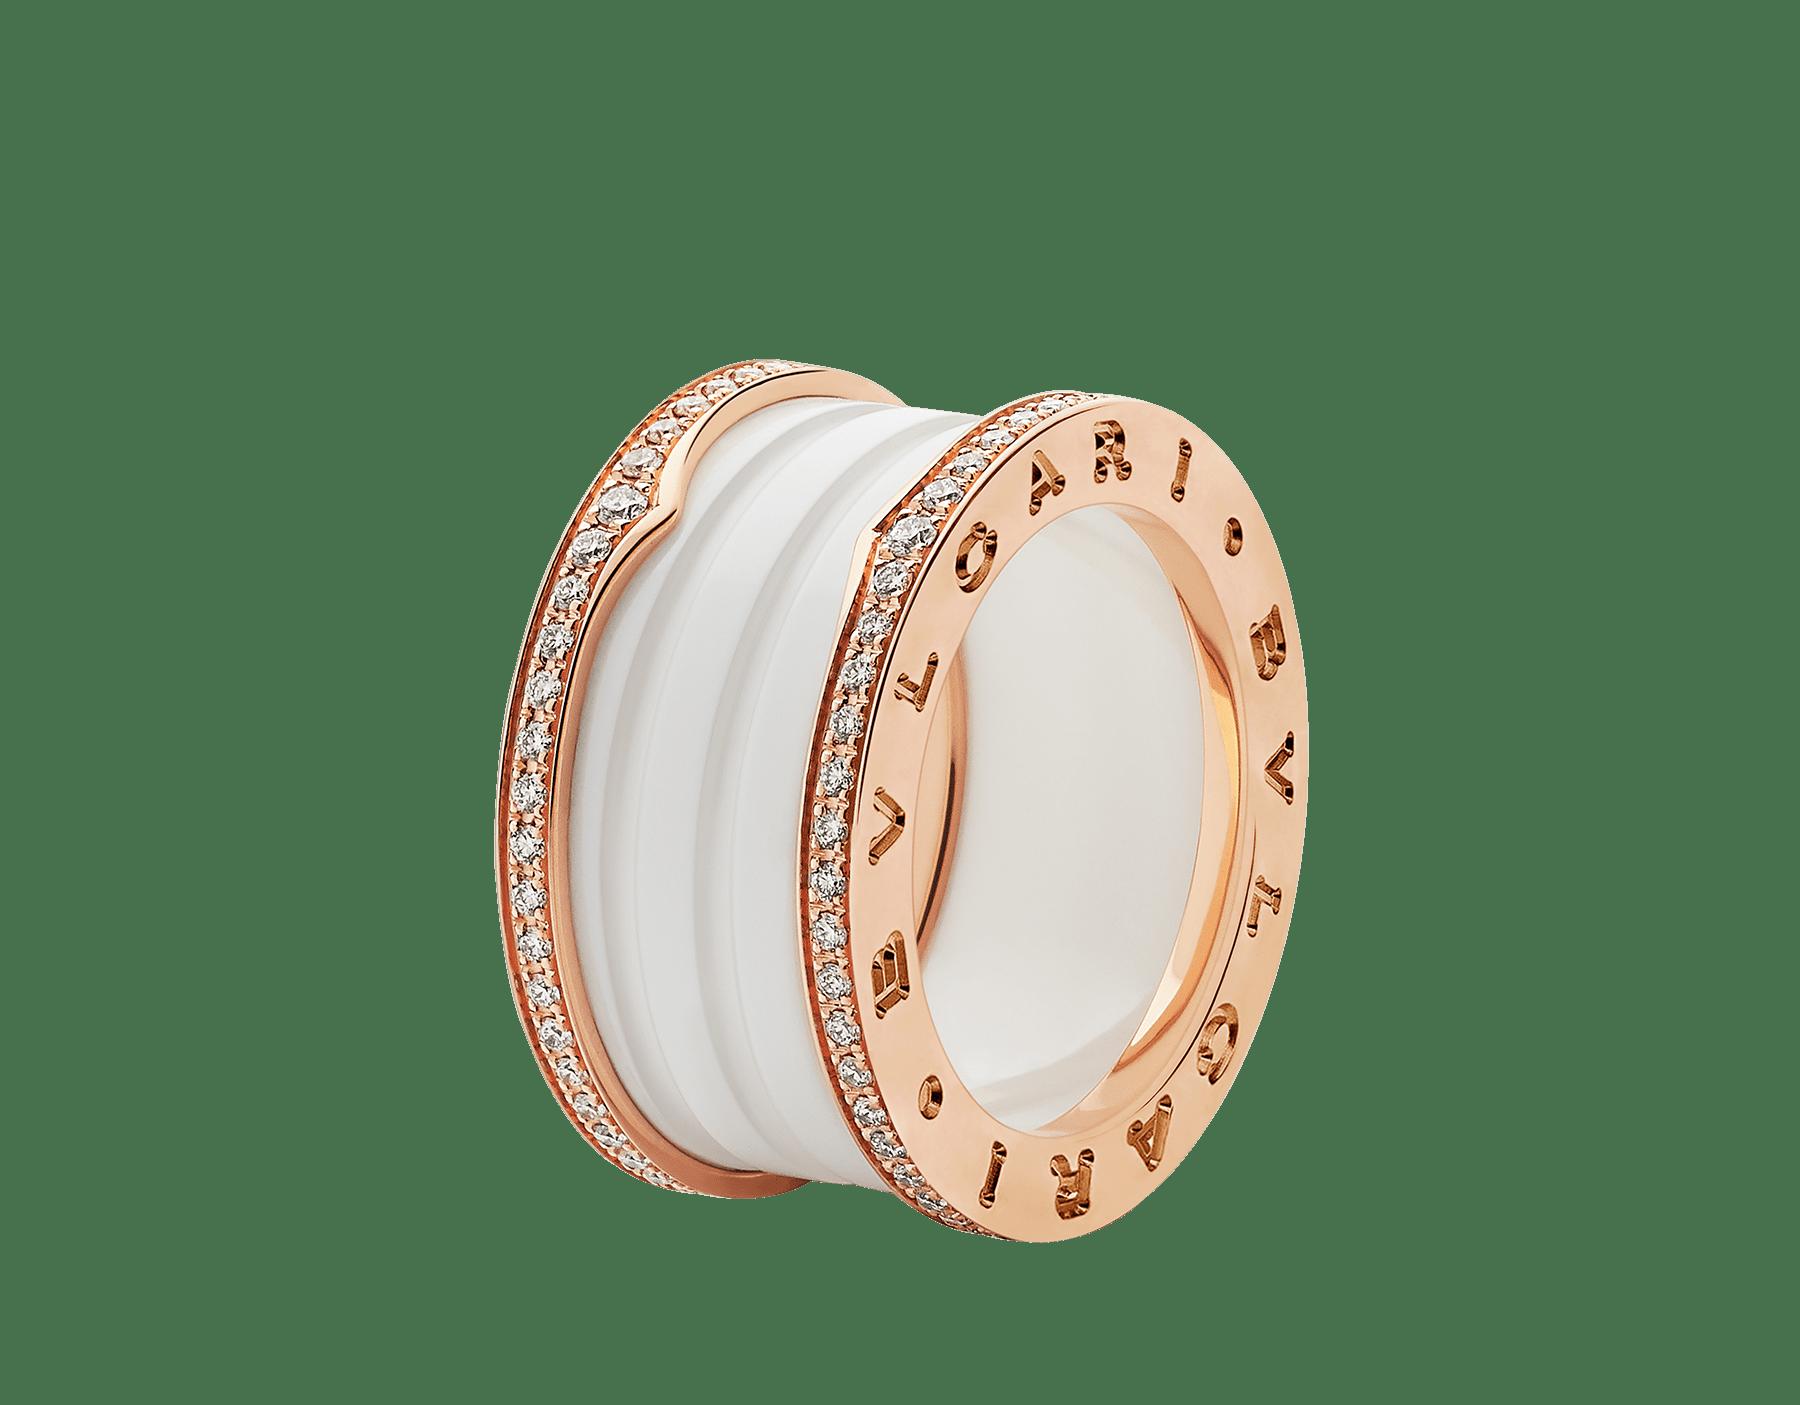 Anillo B.zero1 de cuatro bandas con dos aros en oro rosa de 18 qt con pavé de diamantes en los bordes y una espiral de cerámica blanca. B-zero1-4-bands-AN857030 image 1